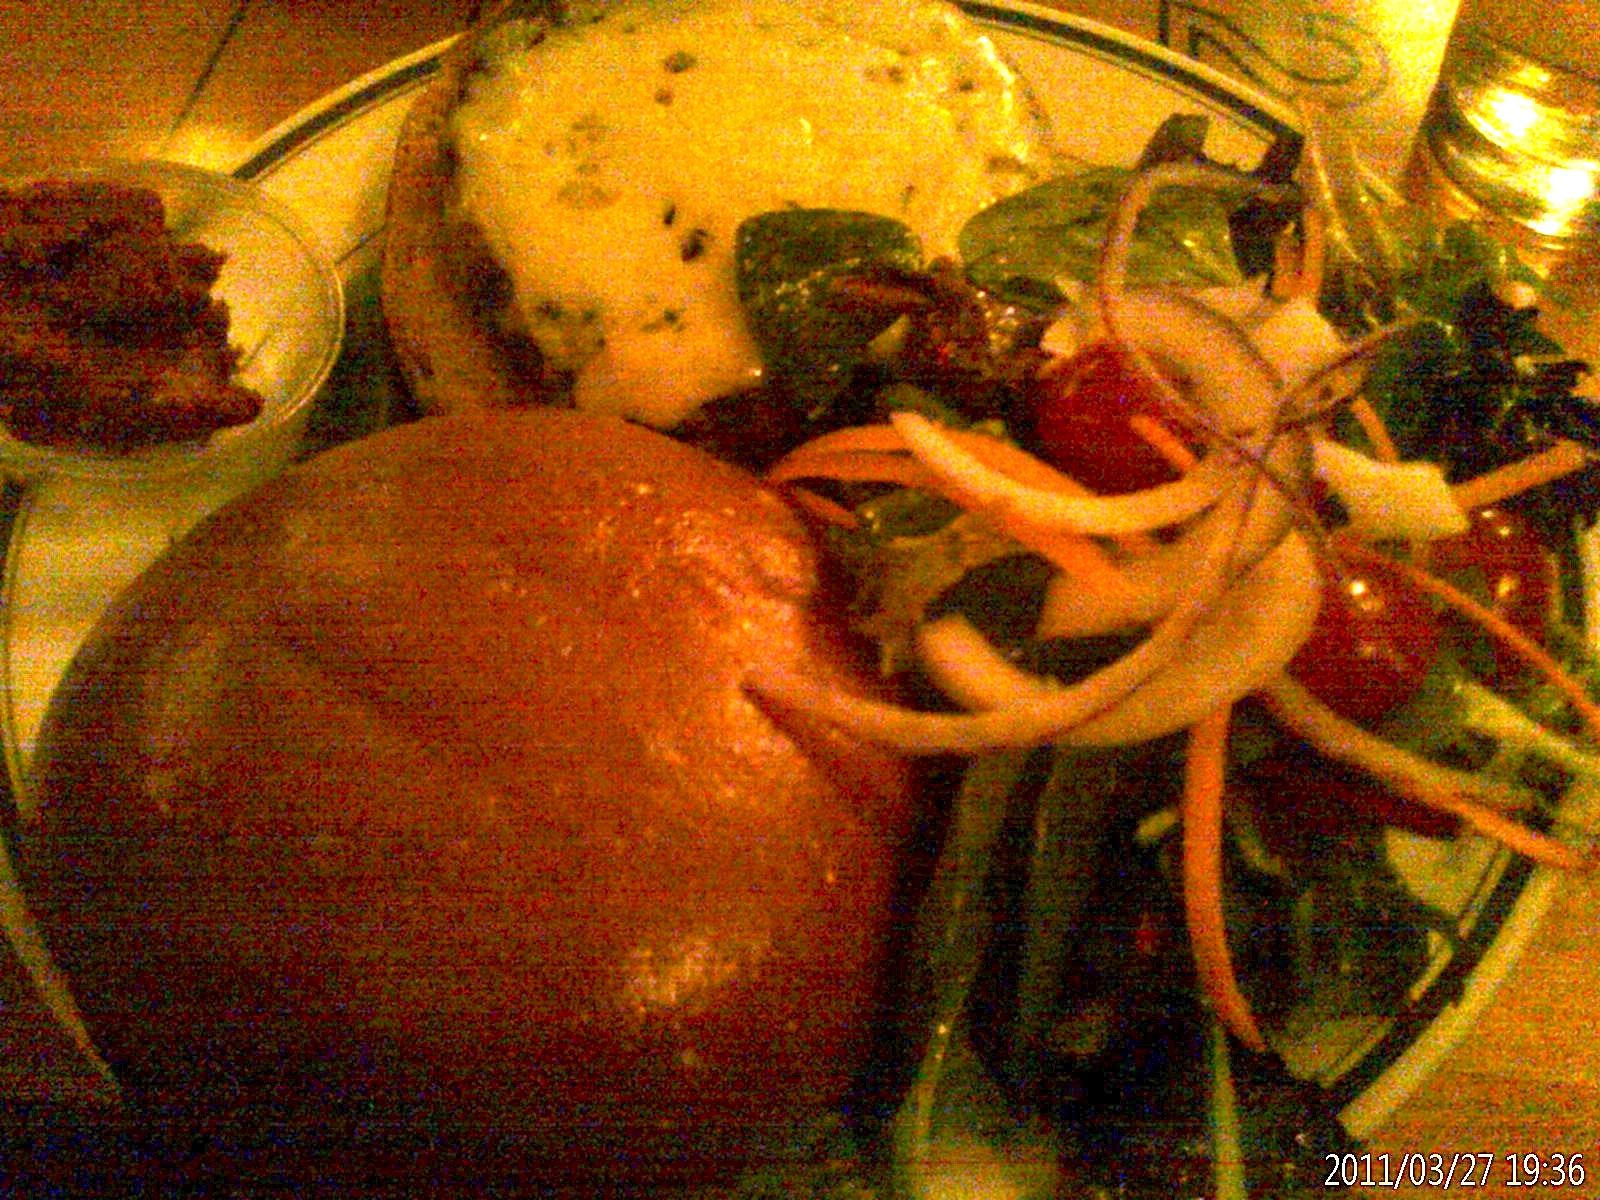 http://3.bp.blogspot.com/-CWwzSK7CLkA/Ty1V0h6WGrI/AAAAAAAAFCw/5wVHx4KYe6o/s1600/Veggie+Burger.jpg